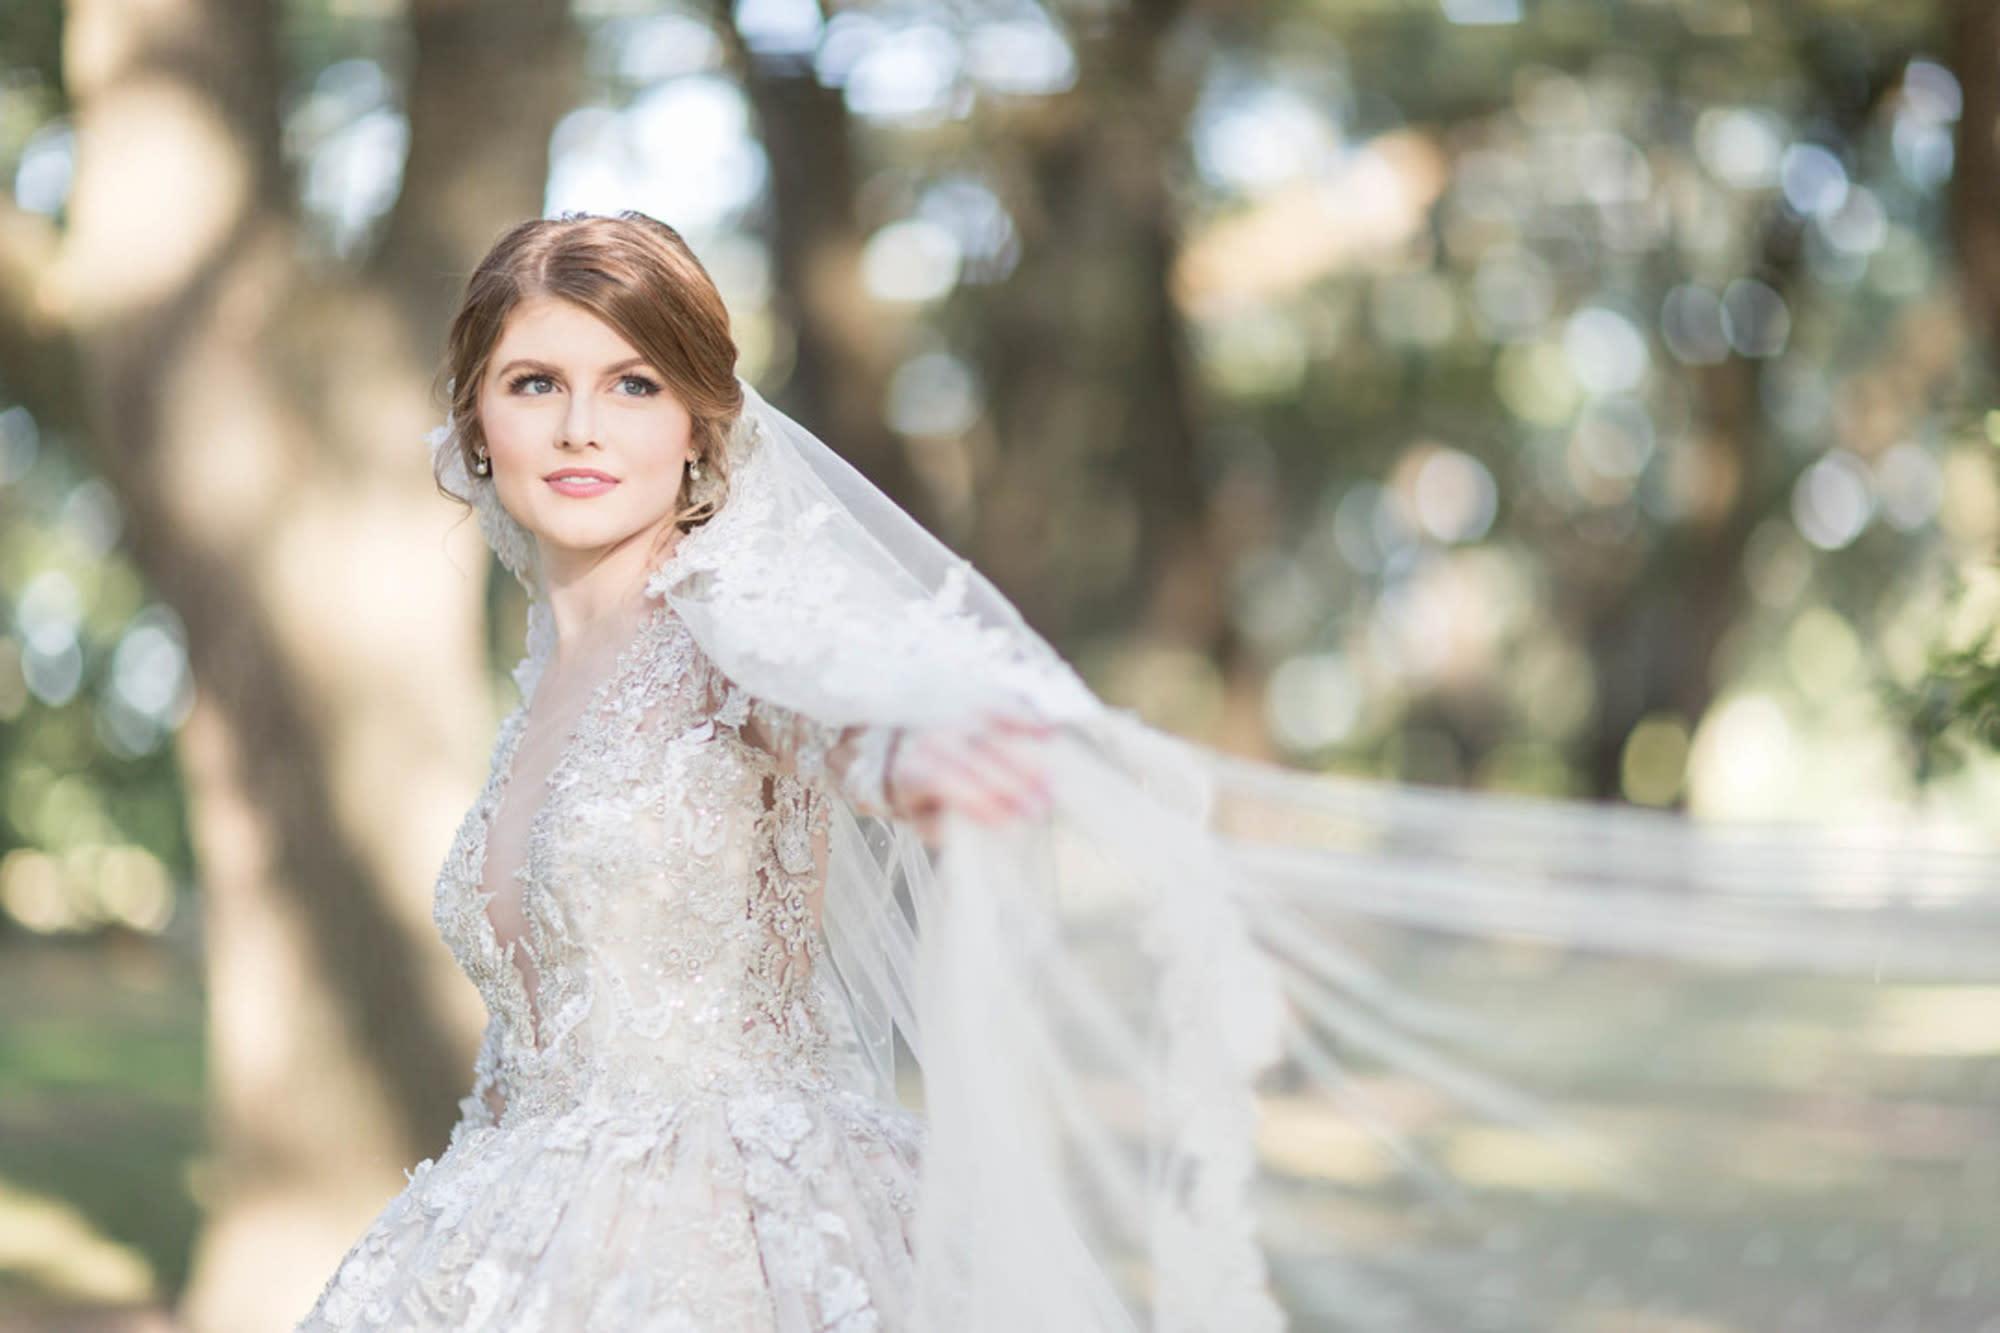 Diy Wedding Makeup Tips Zola Expert Wedding Advice